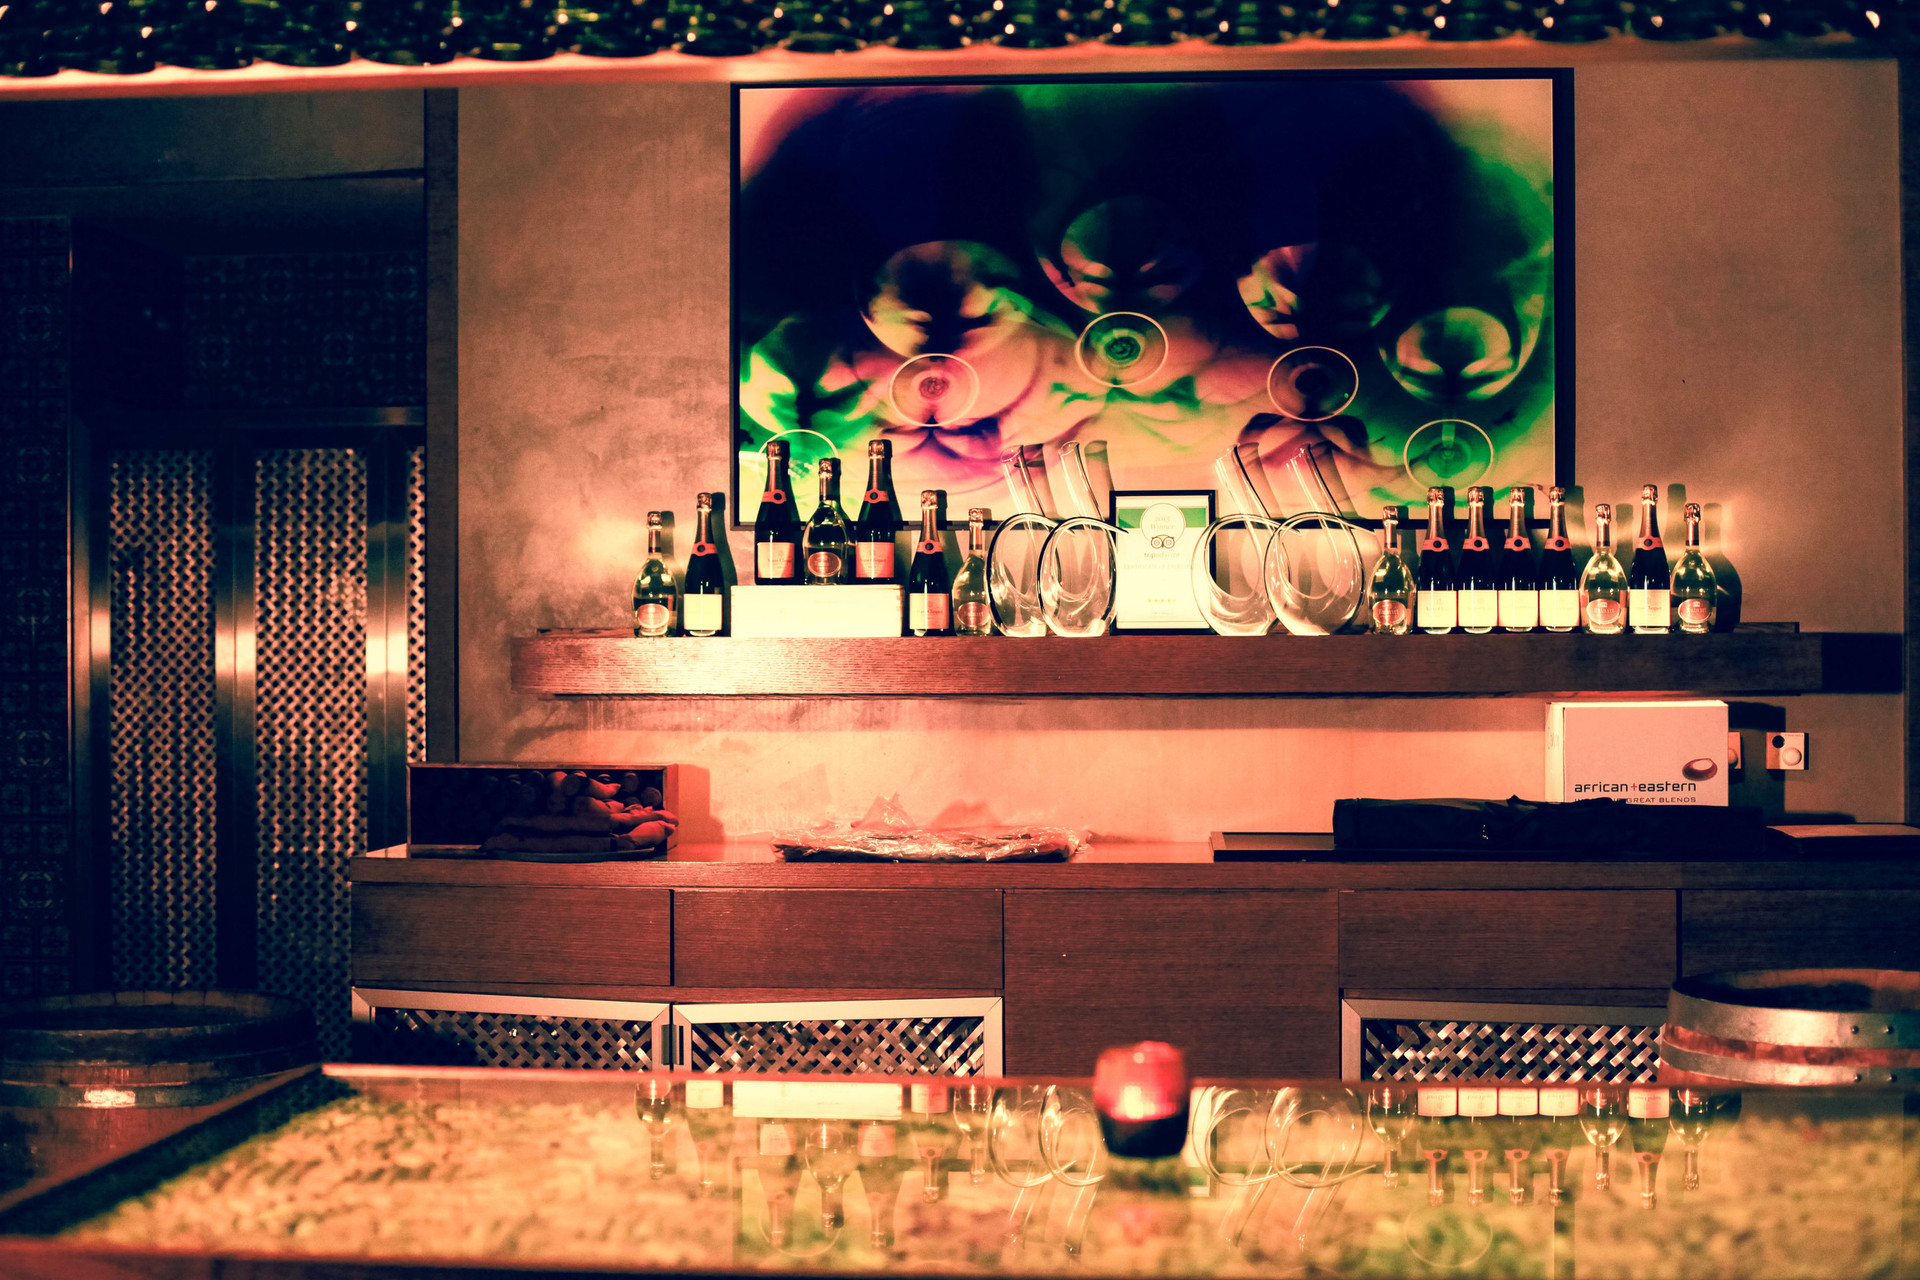 """Cheers, 30"""" x 48"""" - Installed at The Cave in Conrad Hilton Hotel, Dubai, U.A.E."""